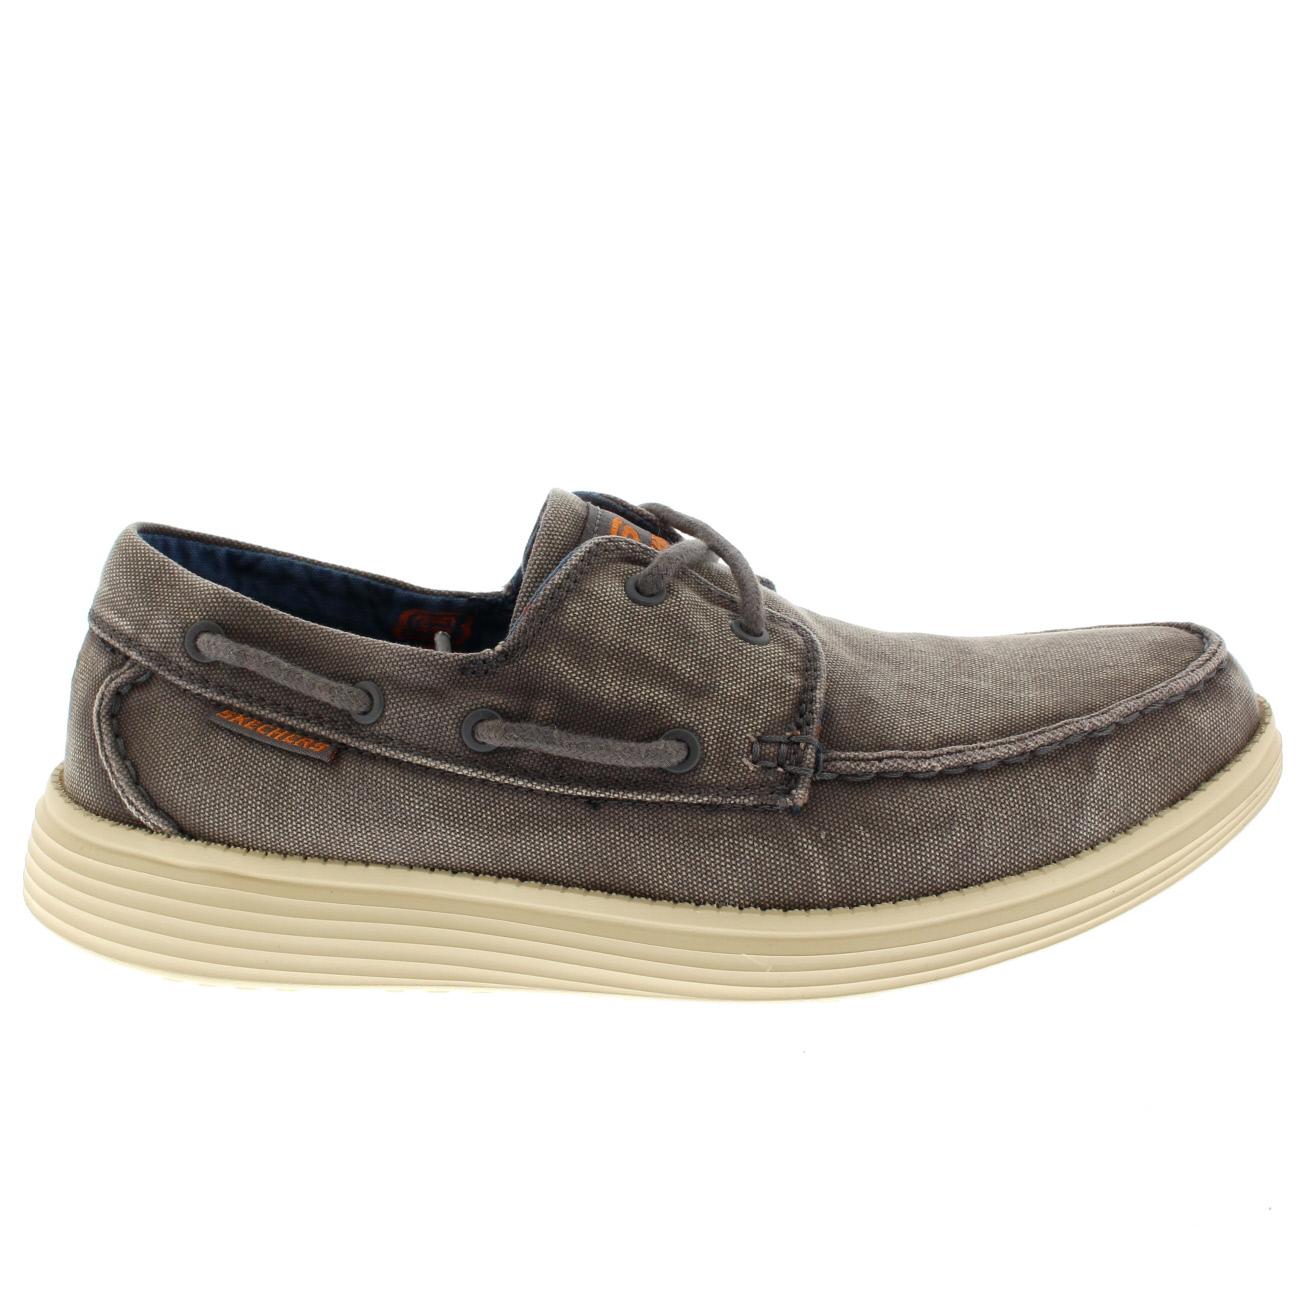 Skechers Détendue Chaussures Hommes Ajustement Uk P8vWcAMHE